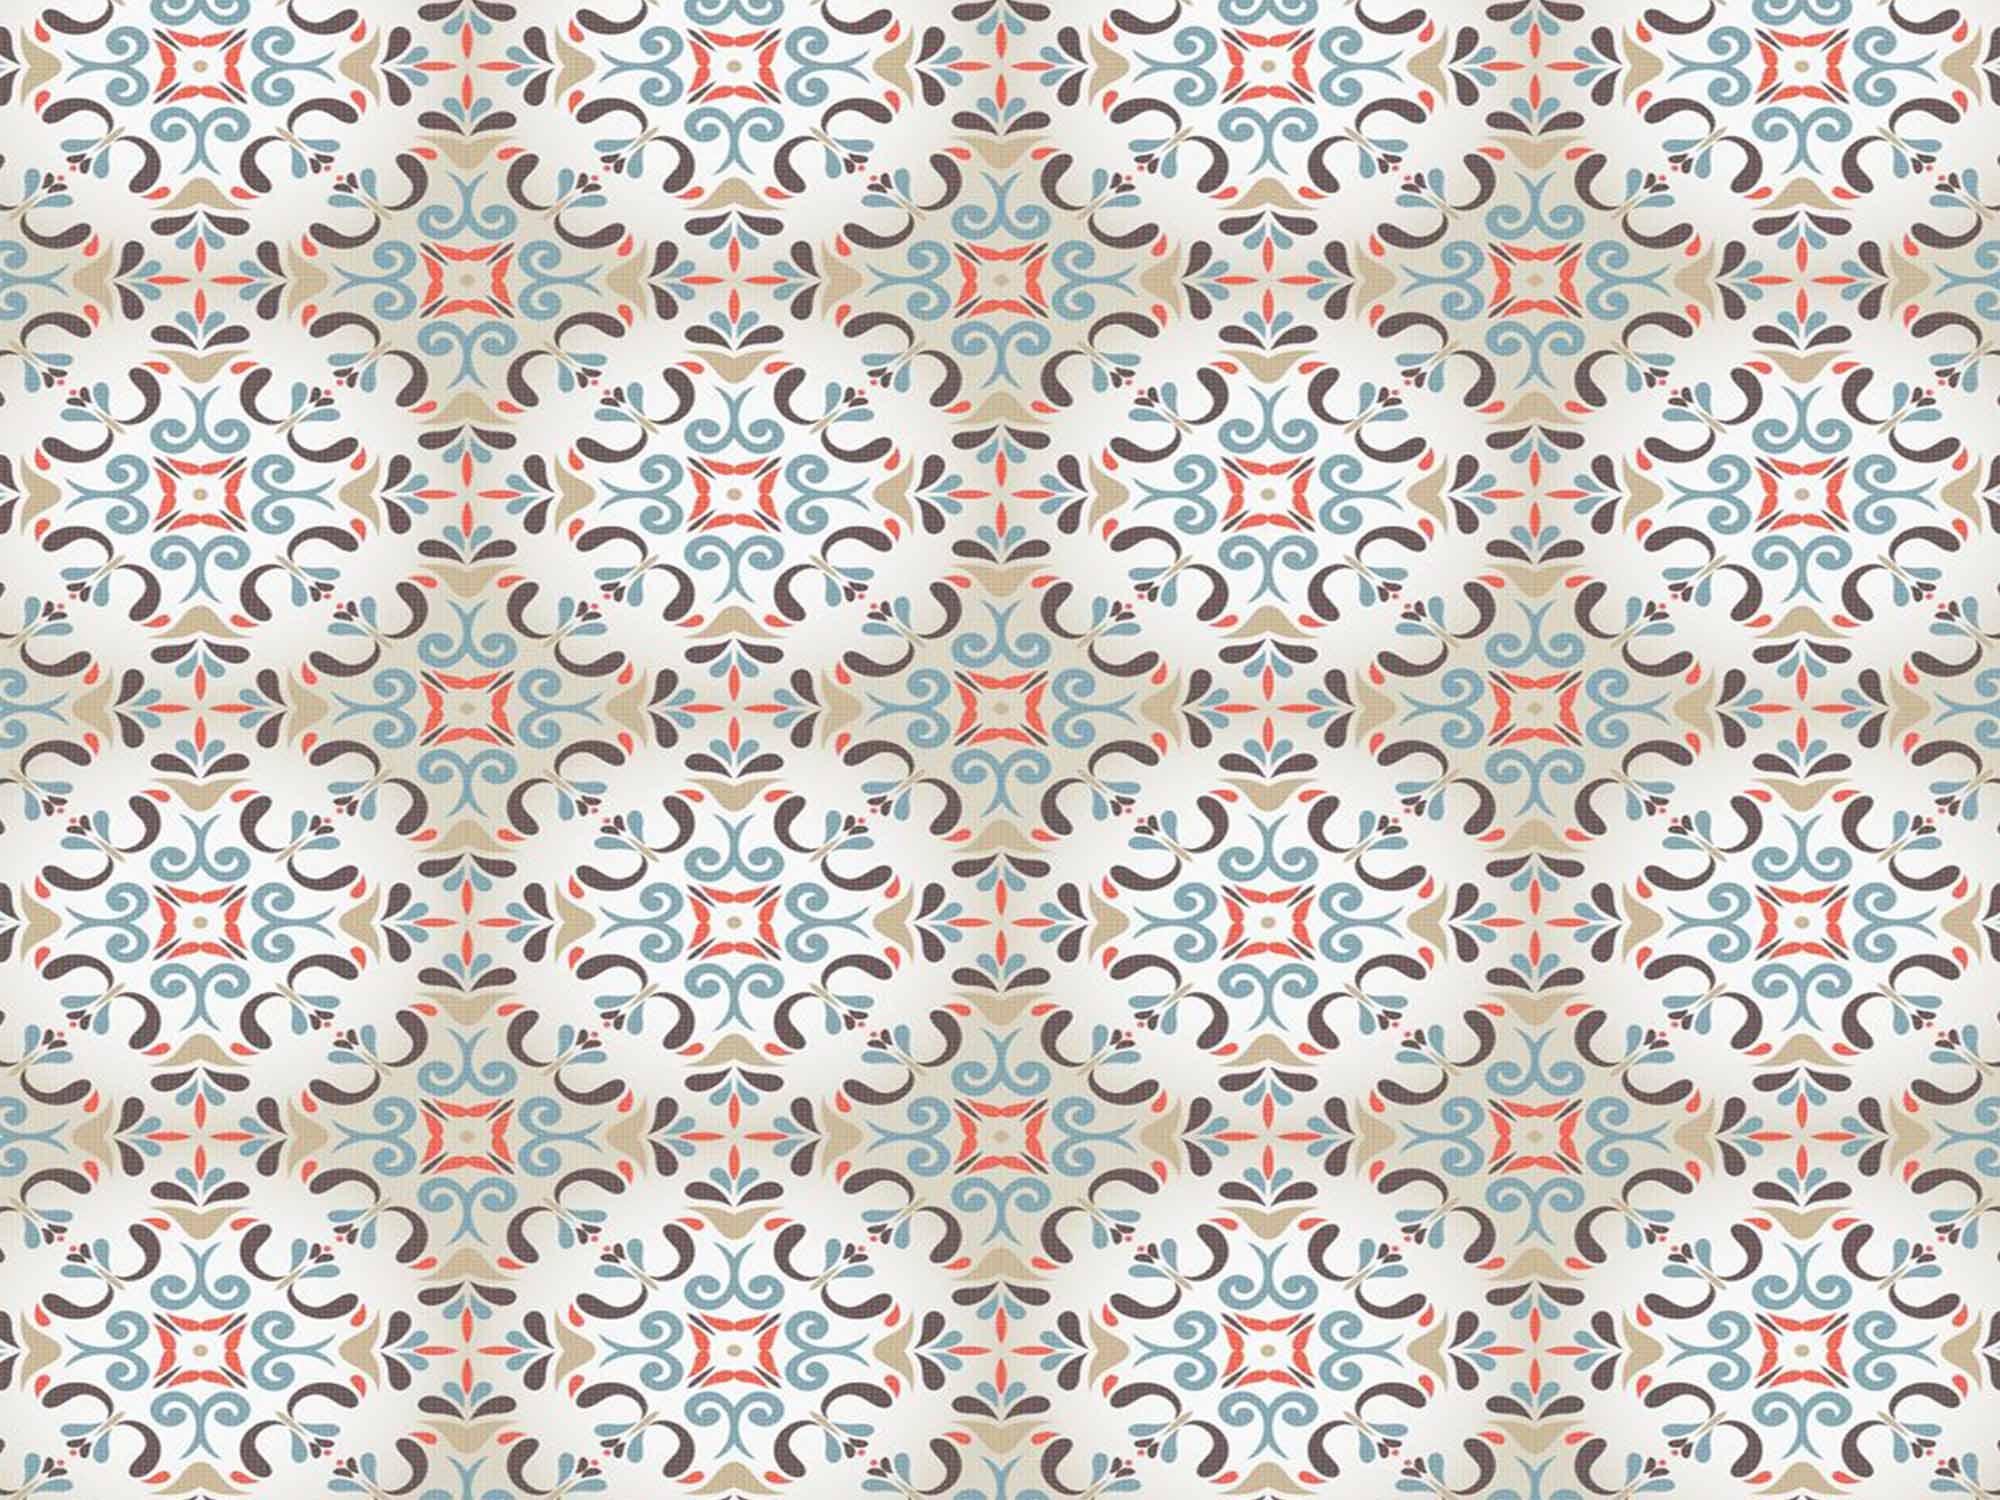 Papel de Parede para Cozinha Azulejos 0030 - Adesivos de Parede  - Paredes Decoradas